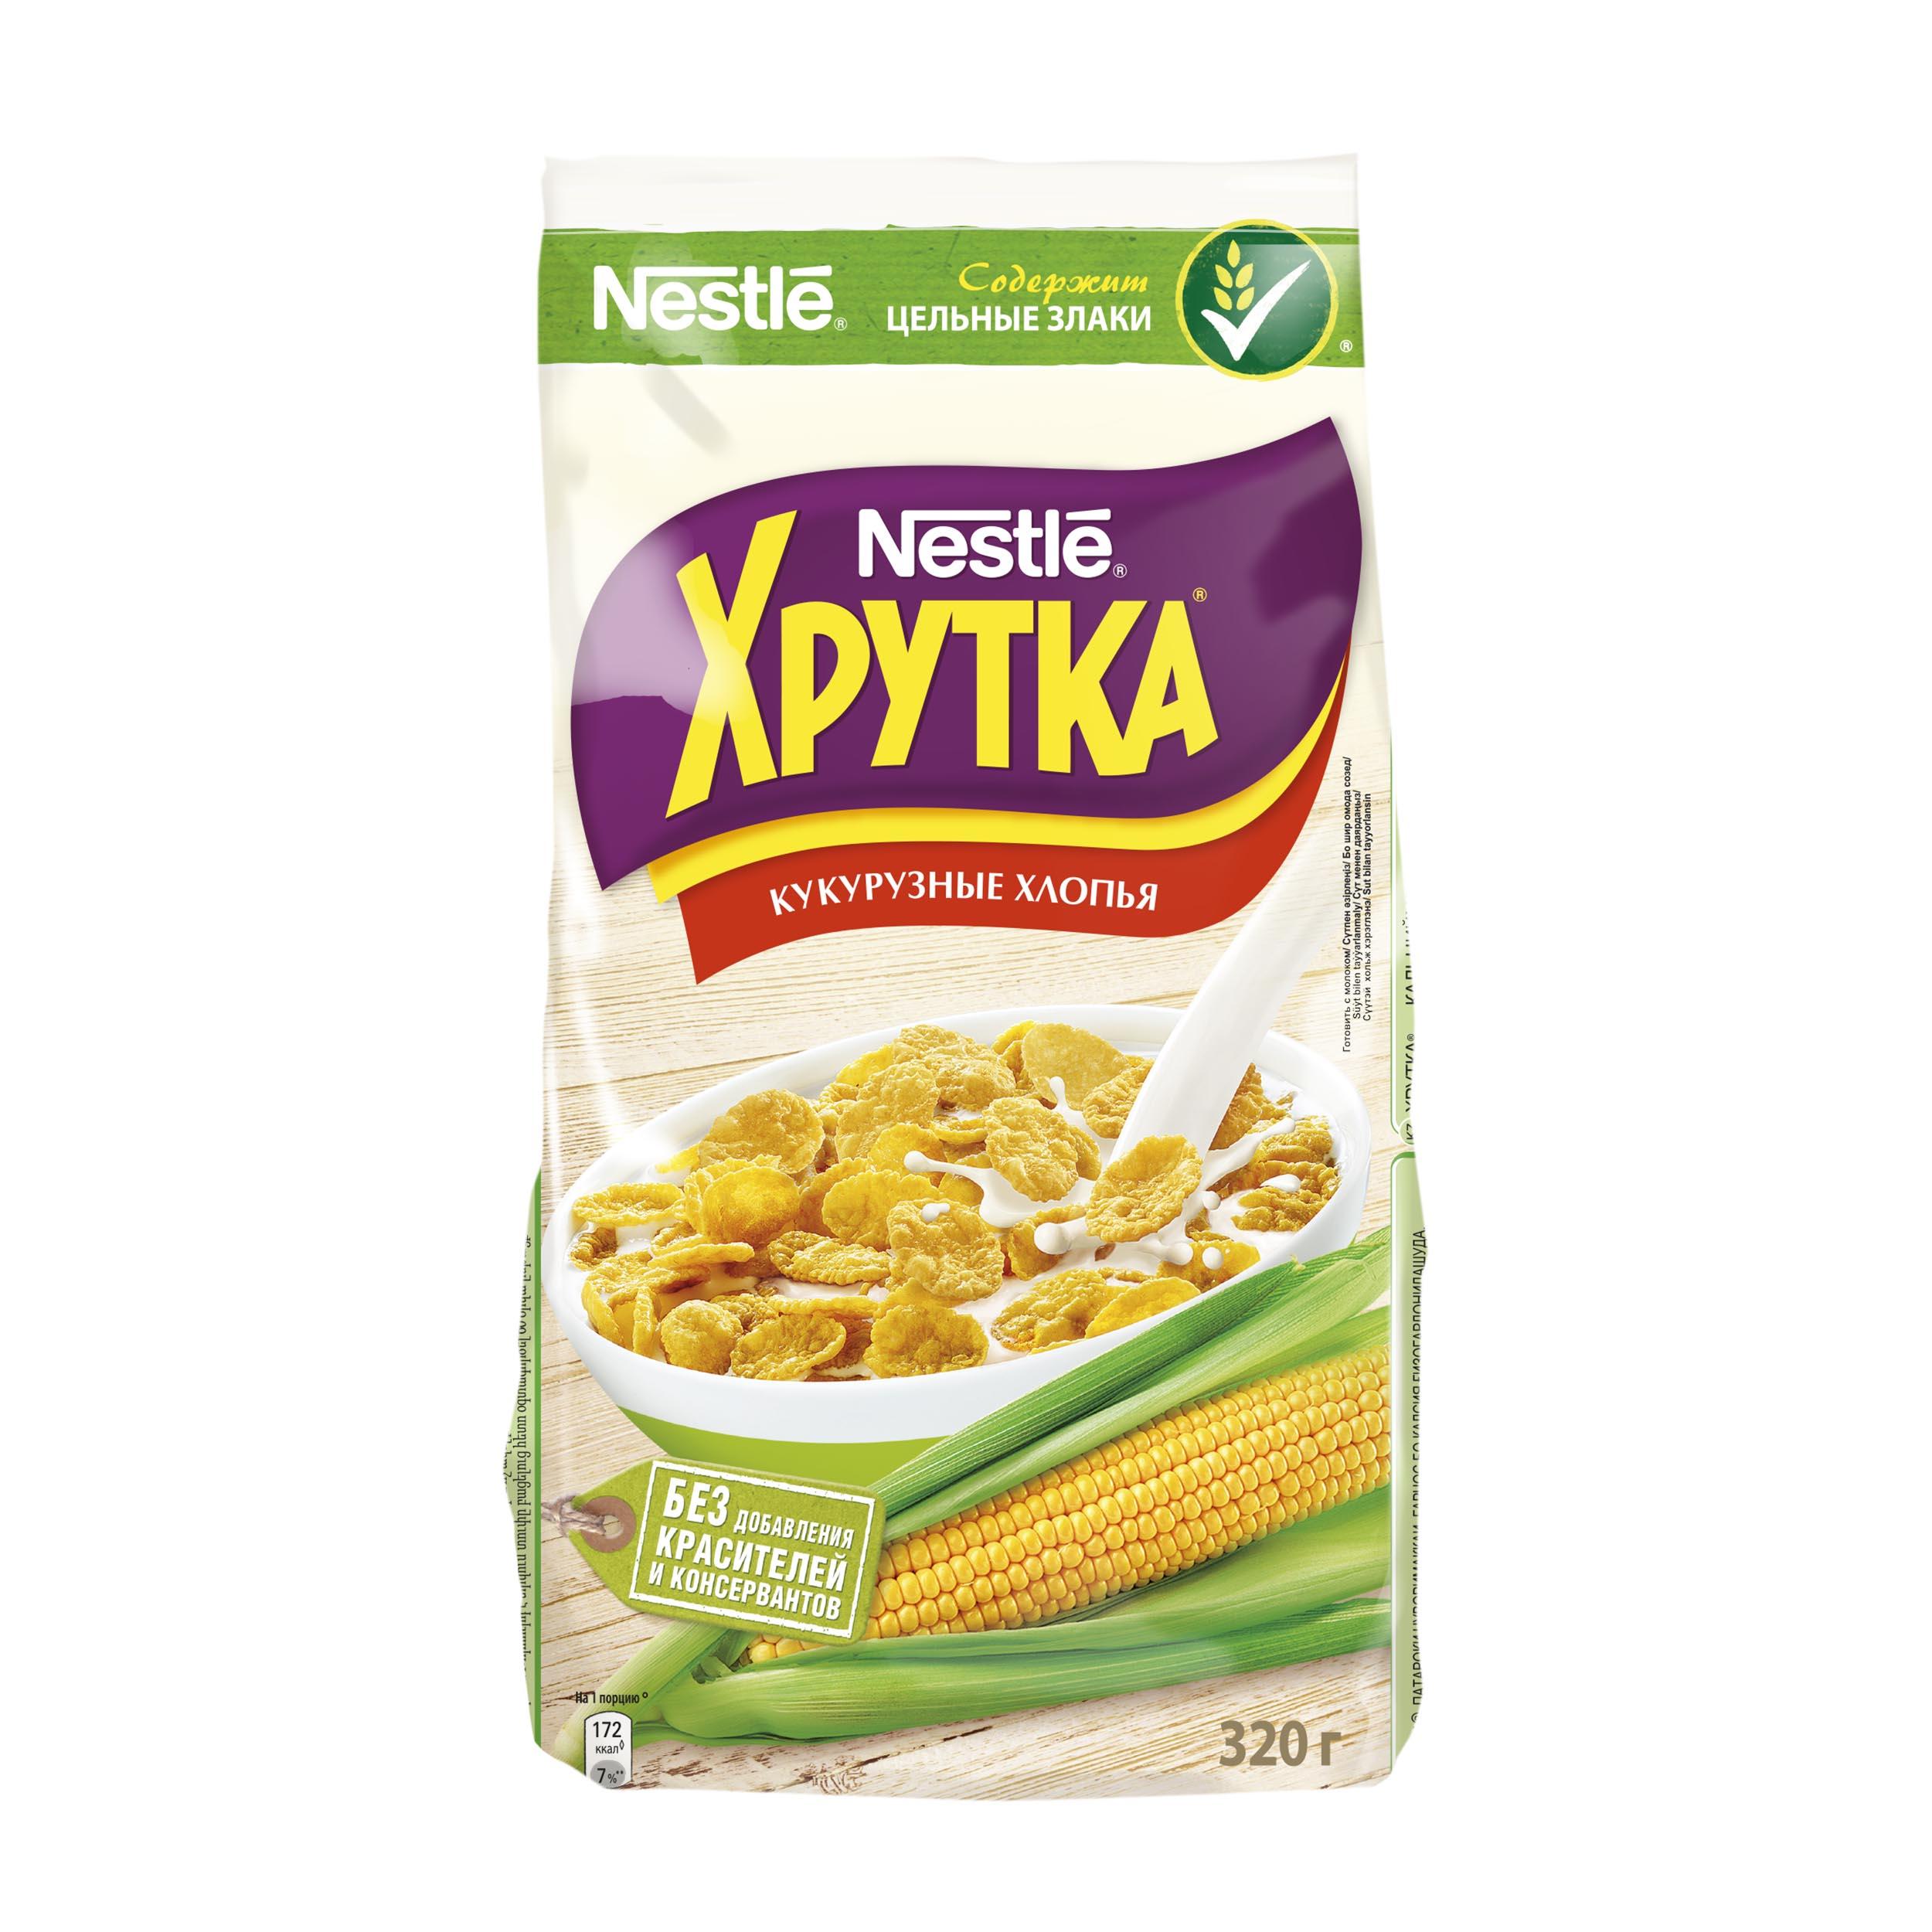 Завтрак Nestle хрутка кукурузные хлопья 320 г